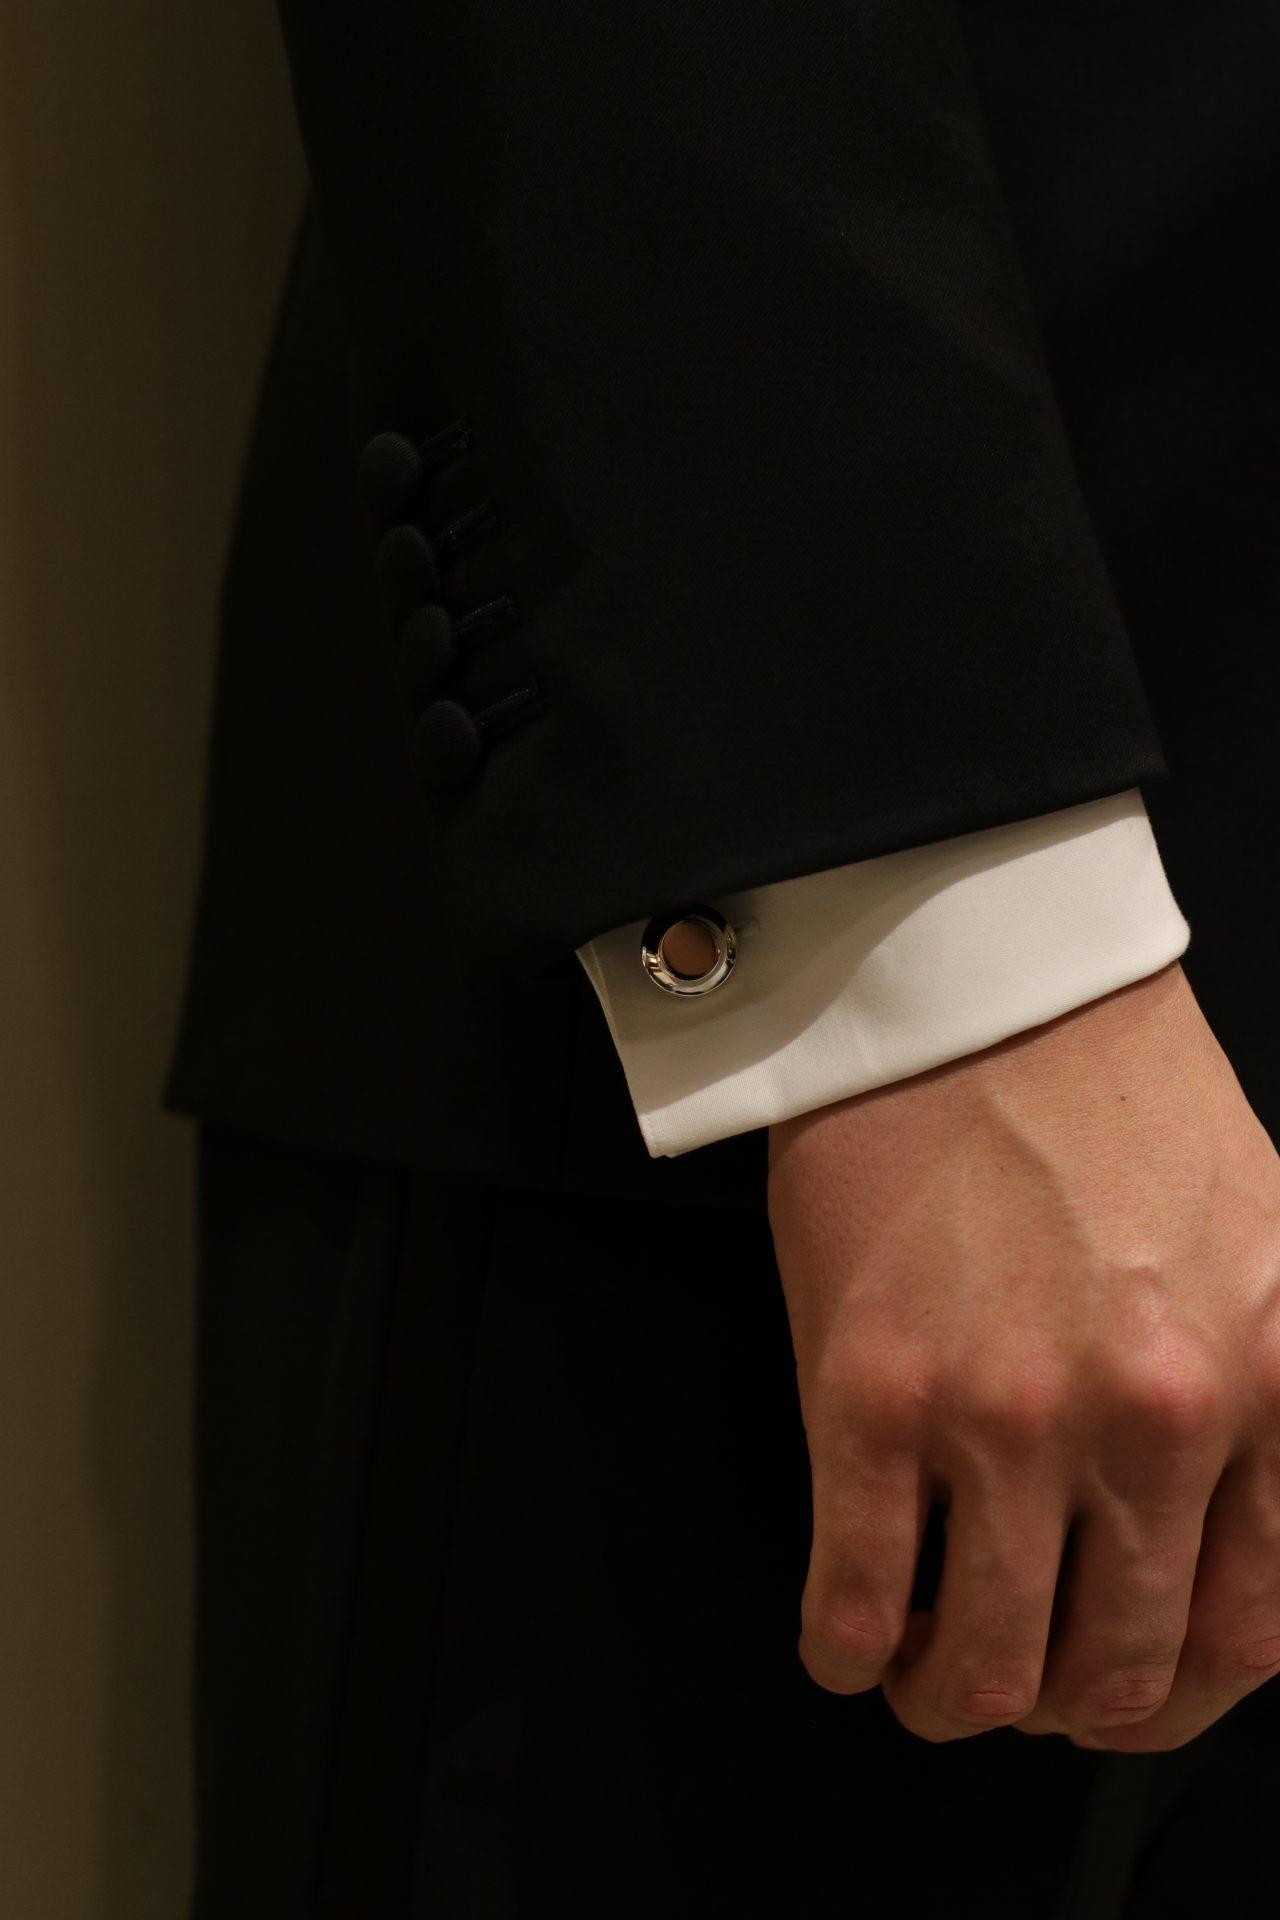 カフリンクスは男性の唯一のアクセサリーで、フォーマルやビジネスシーン、カジュアルシーンでもシャツと合わせてご使用していただけるアイテムです。